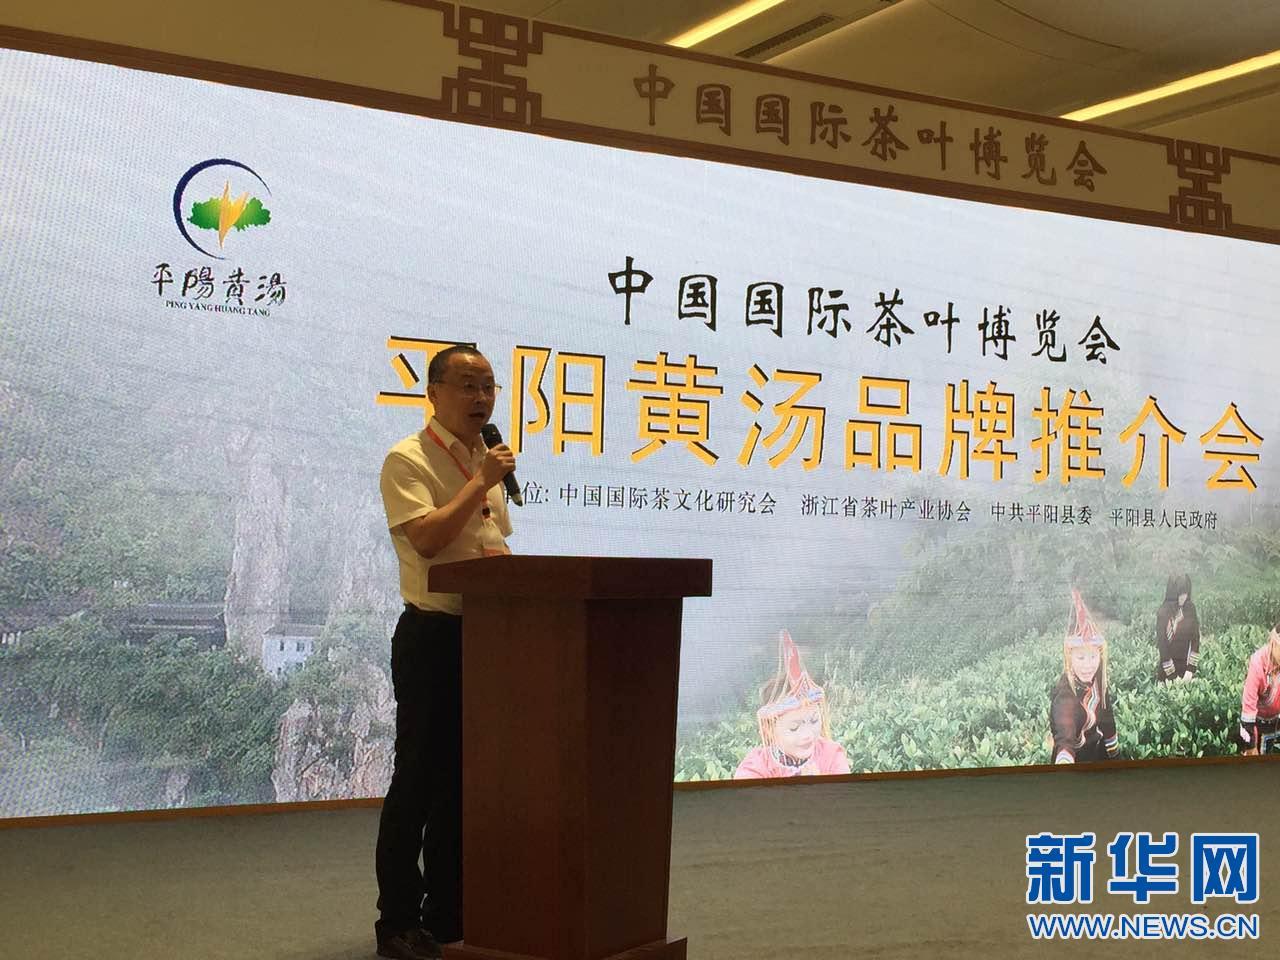 平阳黄汤香飘首届中国国际茶业博览会